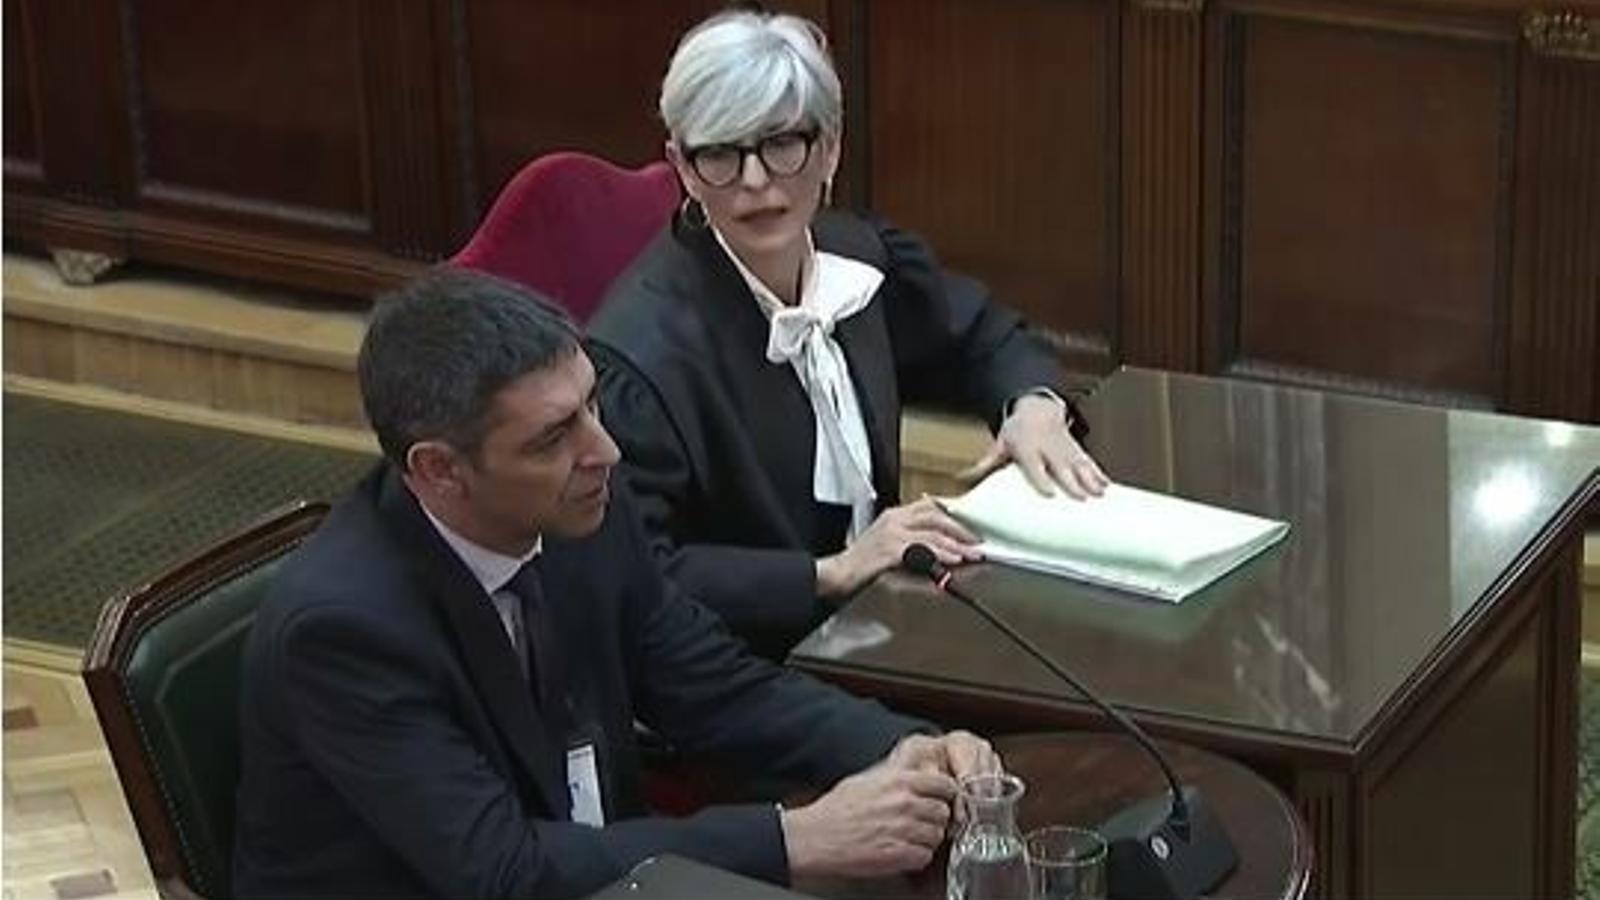 Trapero afirma que tenia a punt un dispositiu per detenir Puigdemont i el Govern després de la DUI